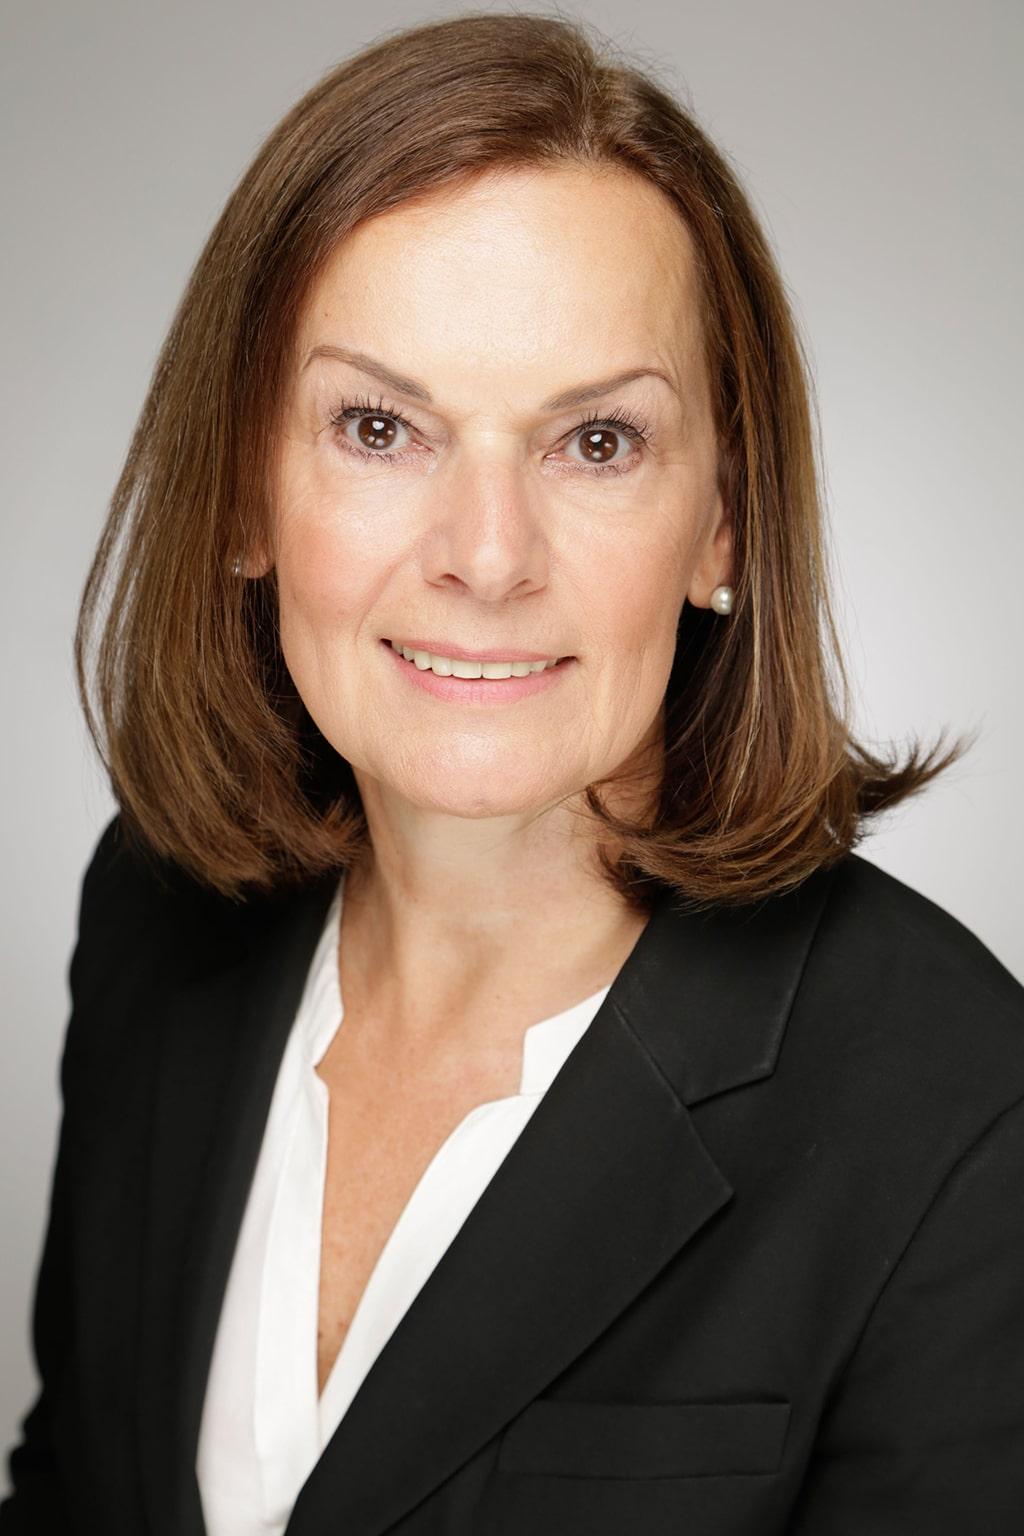 Sabine Loos